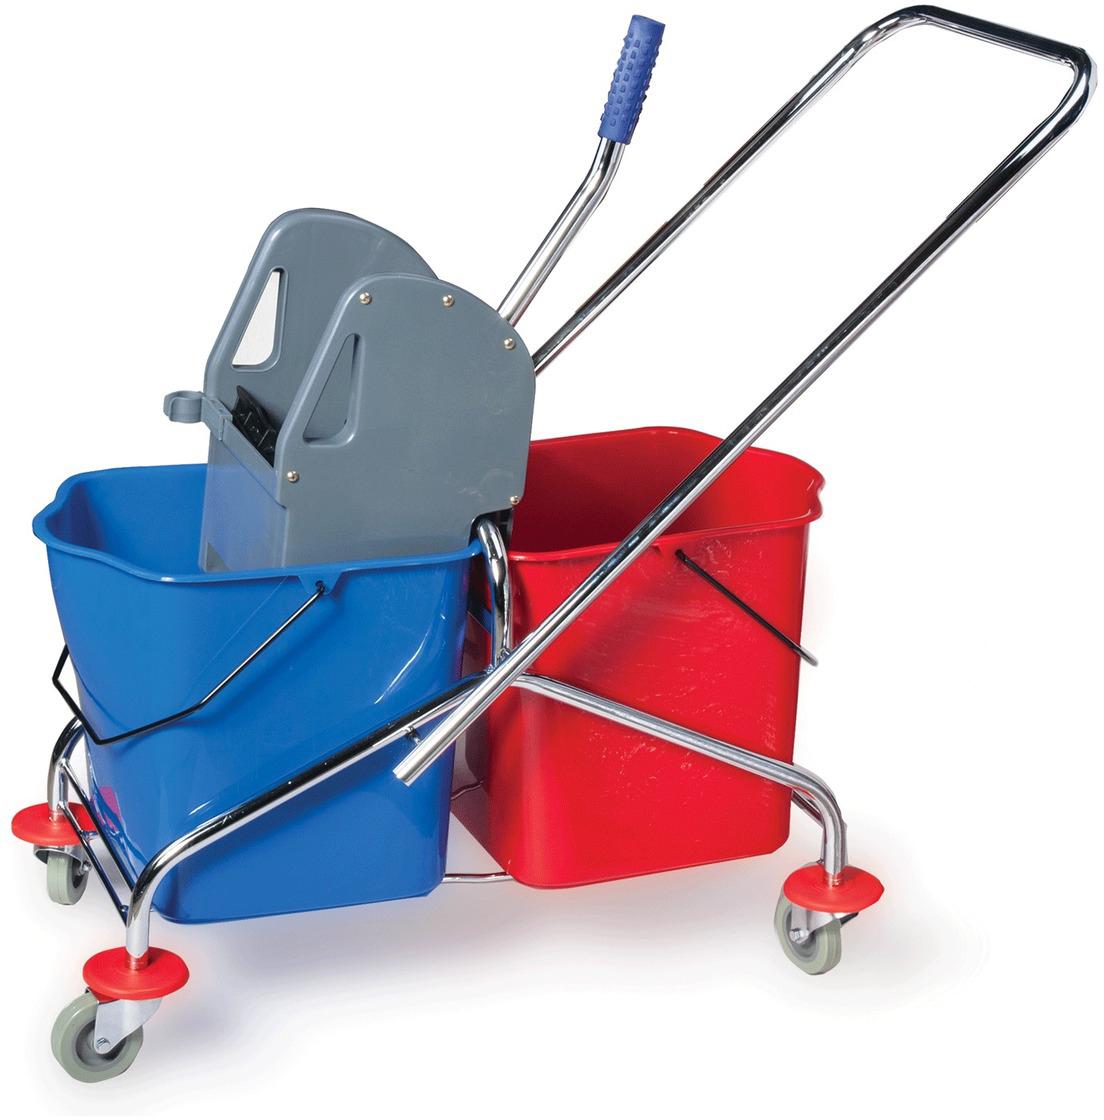 Тележка для уборки Лайма Проф. 601499601499Уборочная тележка предназначена для проведения влажной уборки в помещениях. Представляет собой металлический каркас с установленными на него двумя ведрами и механическим отжимом. Оснащена перекидной ручкой.